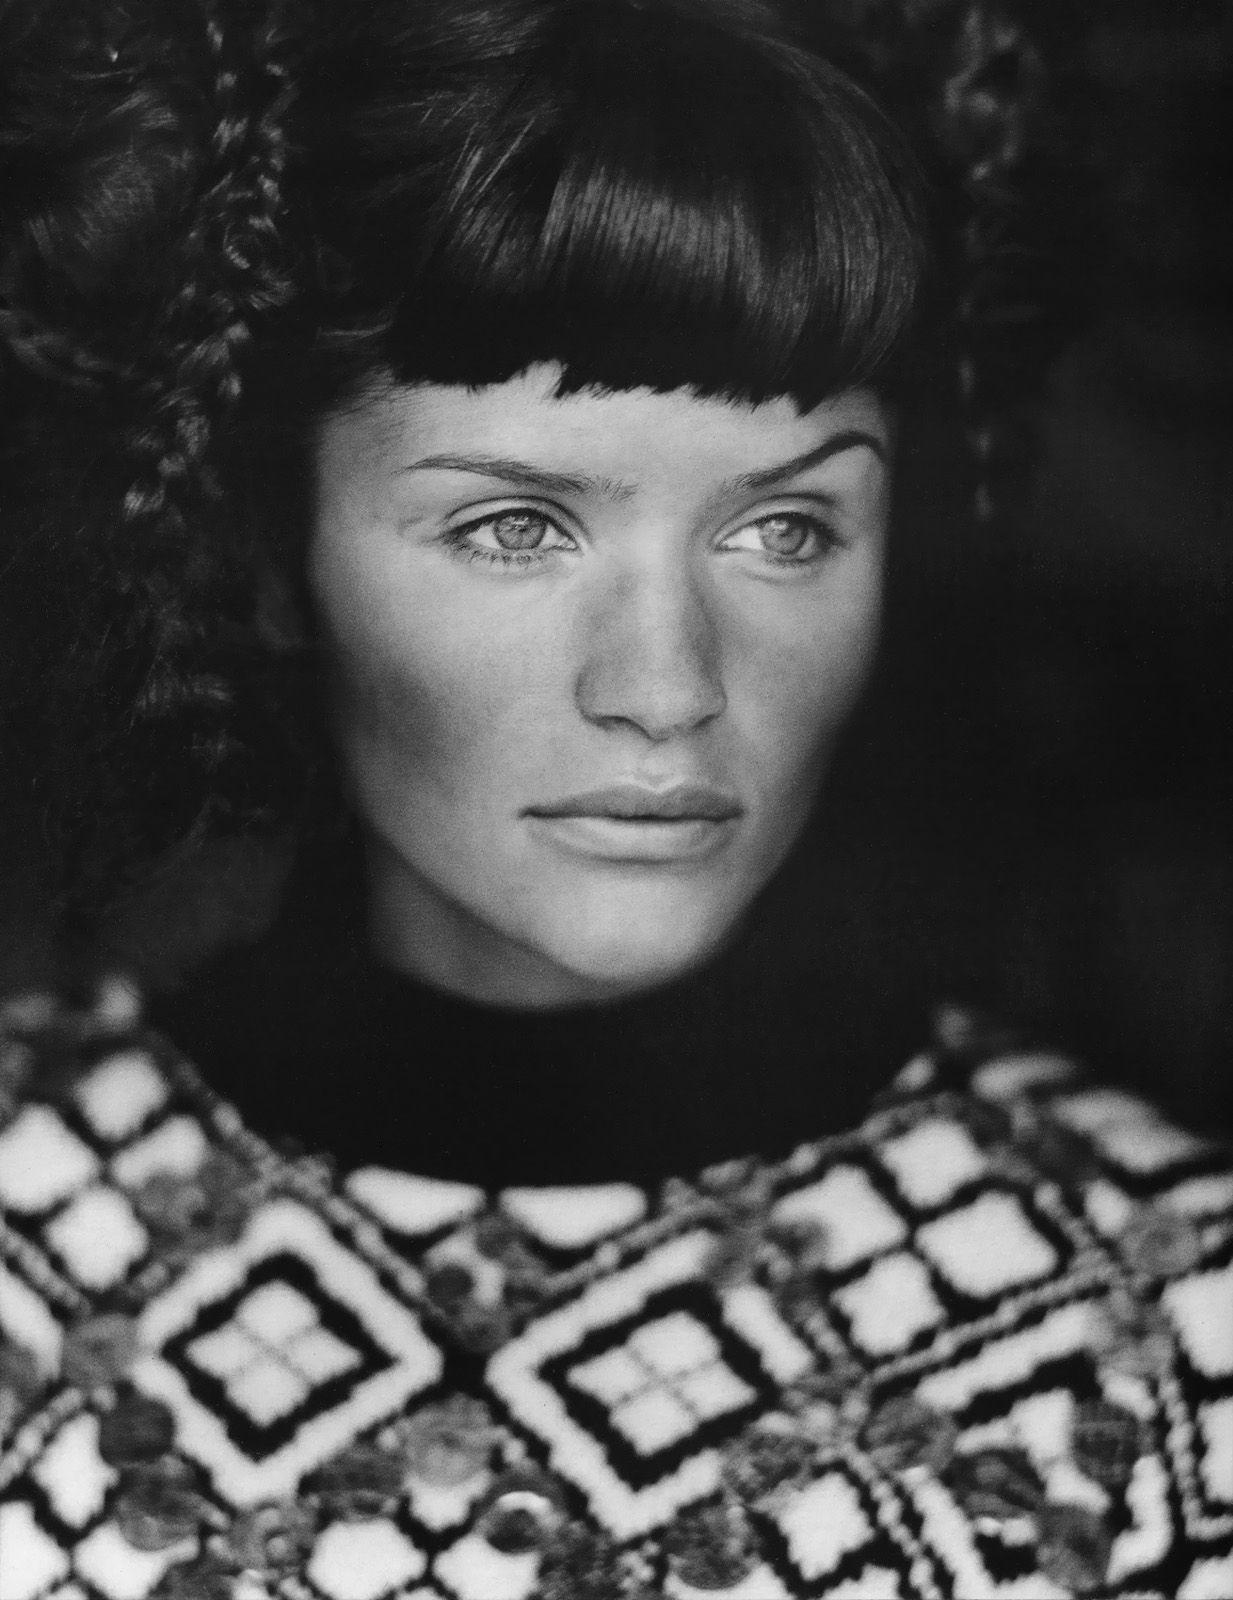 Helena Christensen Aug 1994-Vogue-Paris Photographer: Mikael Jansson. Fashion: Jean Paul Gaultier